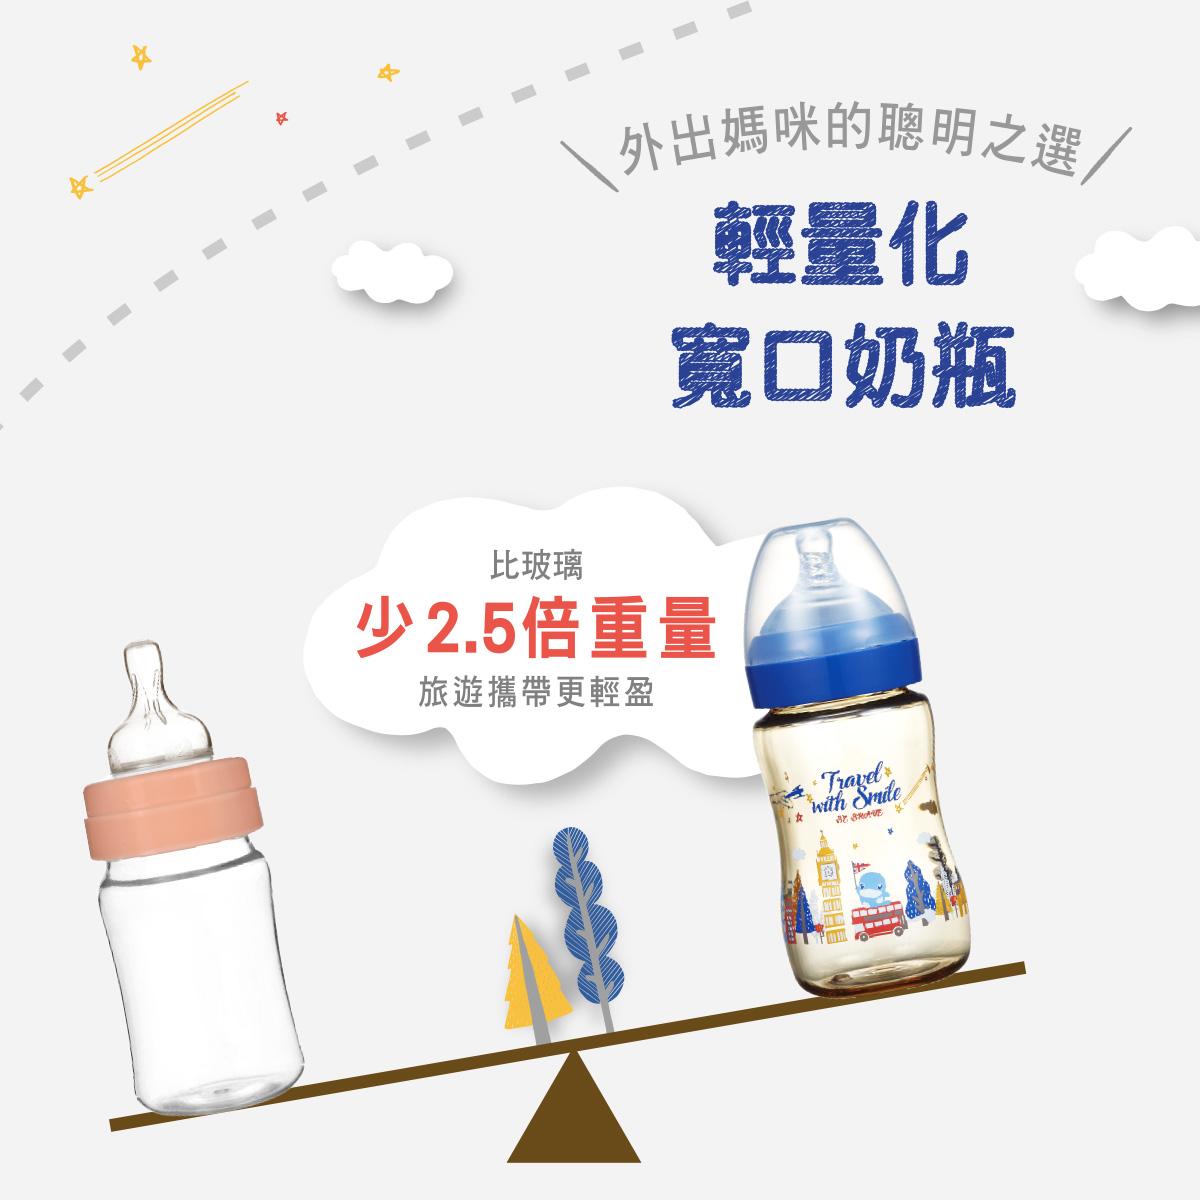 proimages/bottles/PPSU/5874/5874-樂遊倫敦PPSU奶瓶-EDM-4.jpg